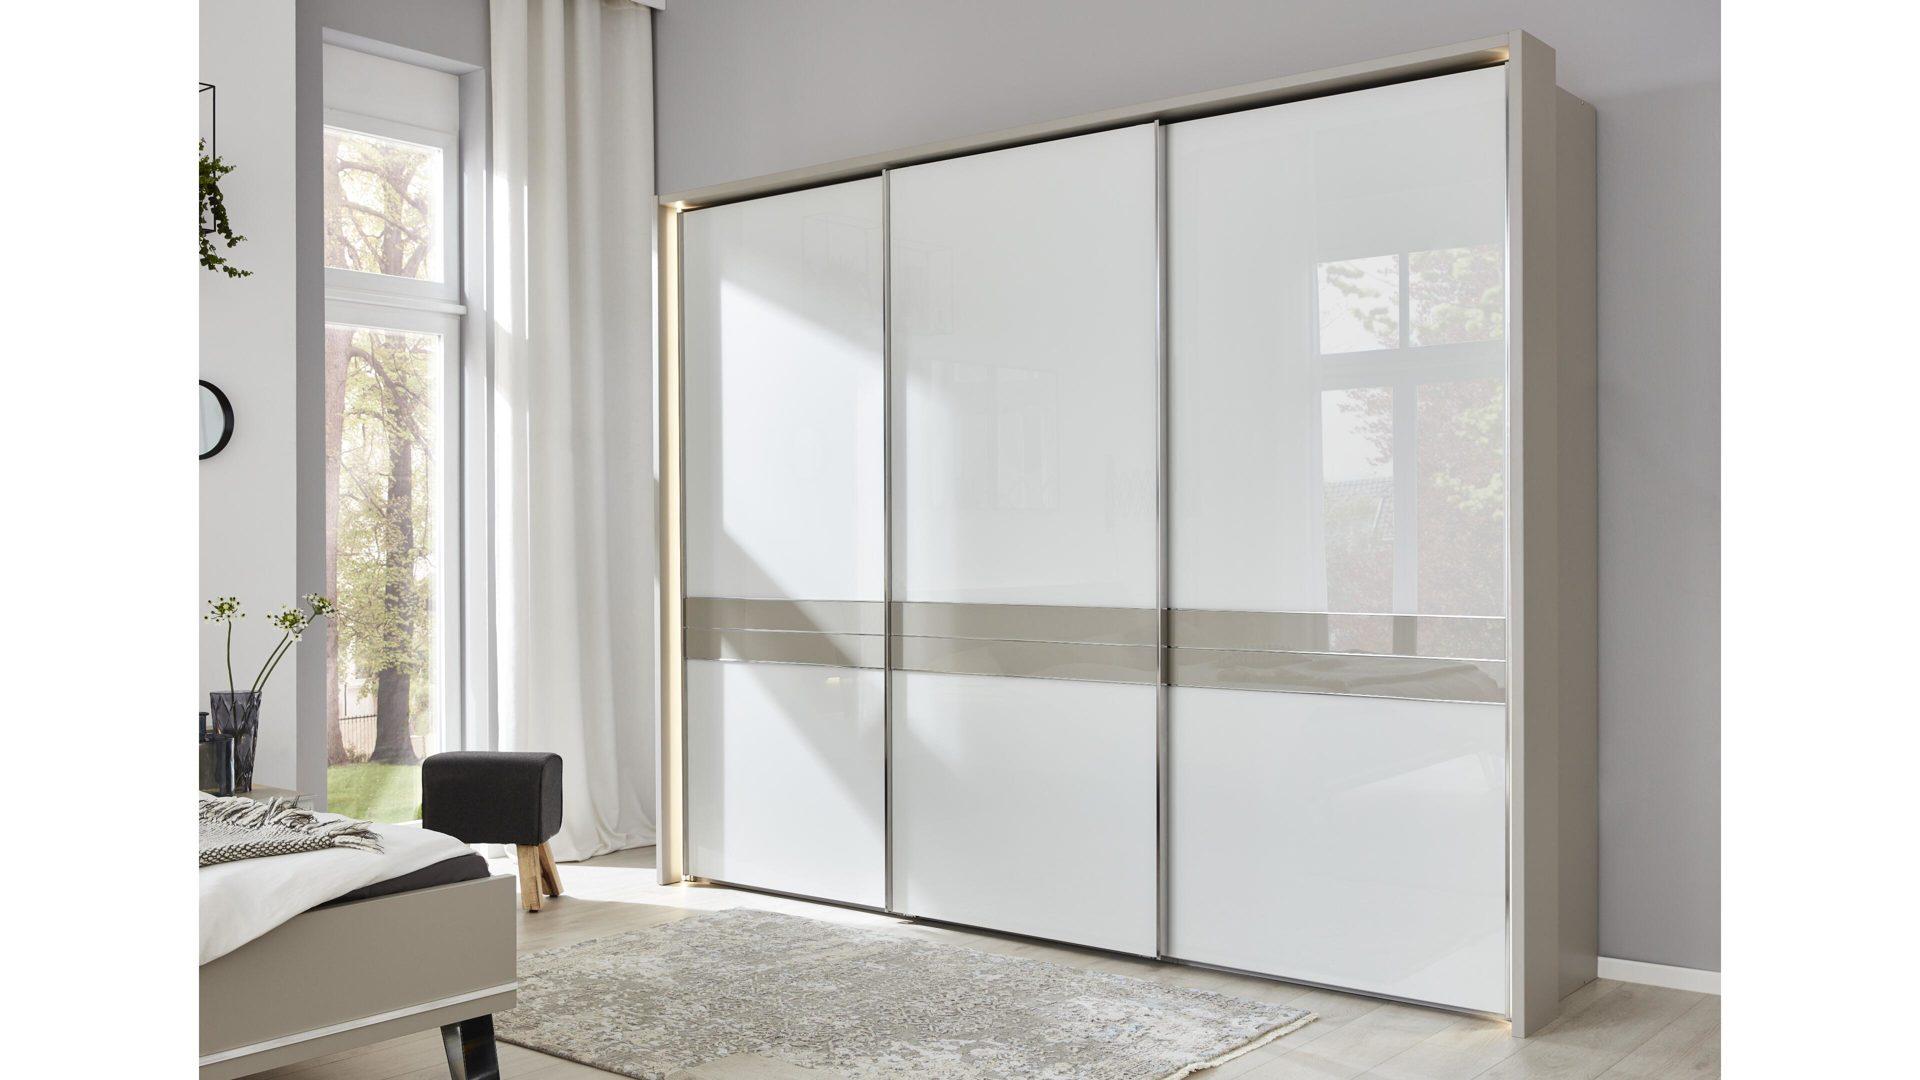 Interliving Schlafzimmer Serie 1009 – Schwebetürenschrank, weiße Glas- &  kieselgraue Kunststoffoberflächen – drei Türen